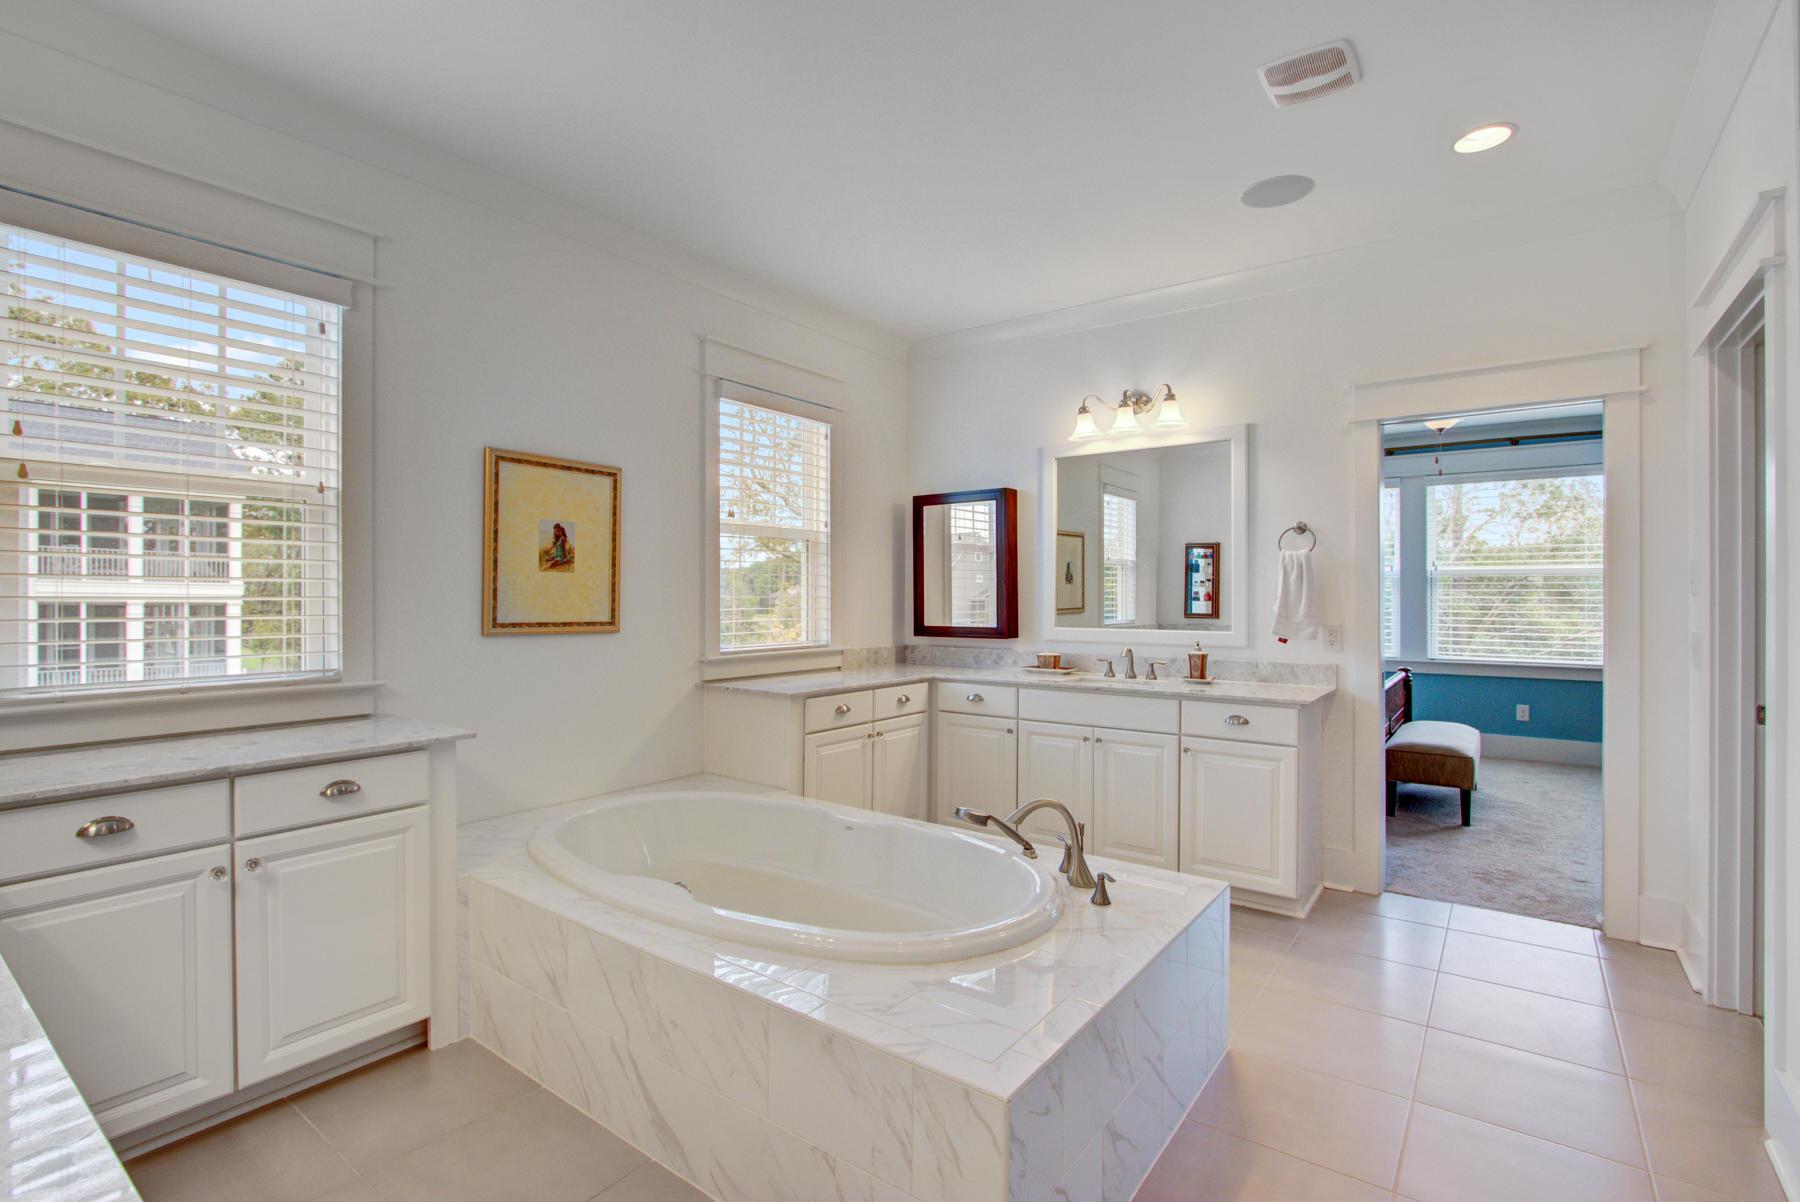 Dunes West Homes For Sale - 2984 Yachtsman, Mount Pleasant, SC - 62